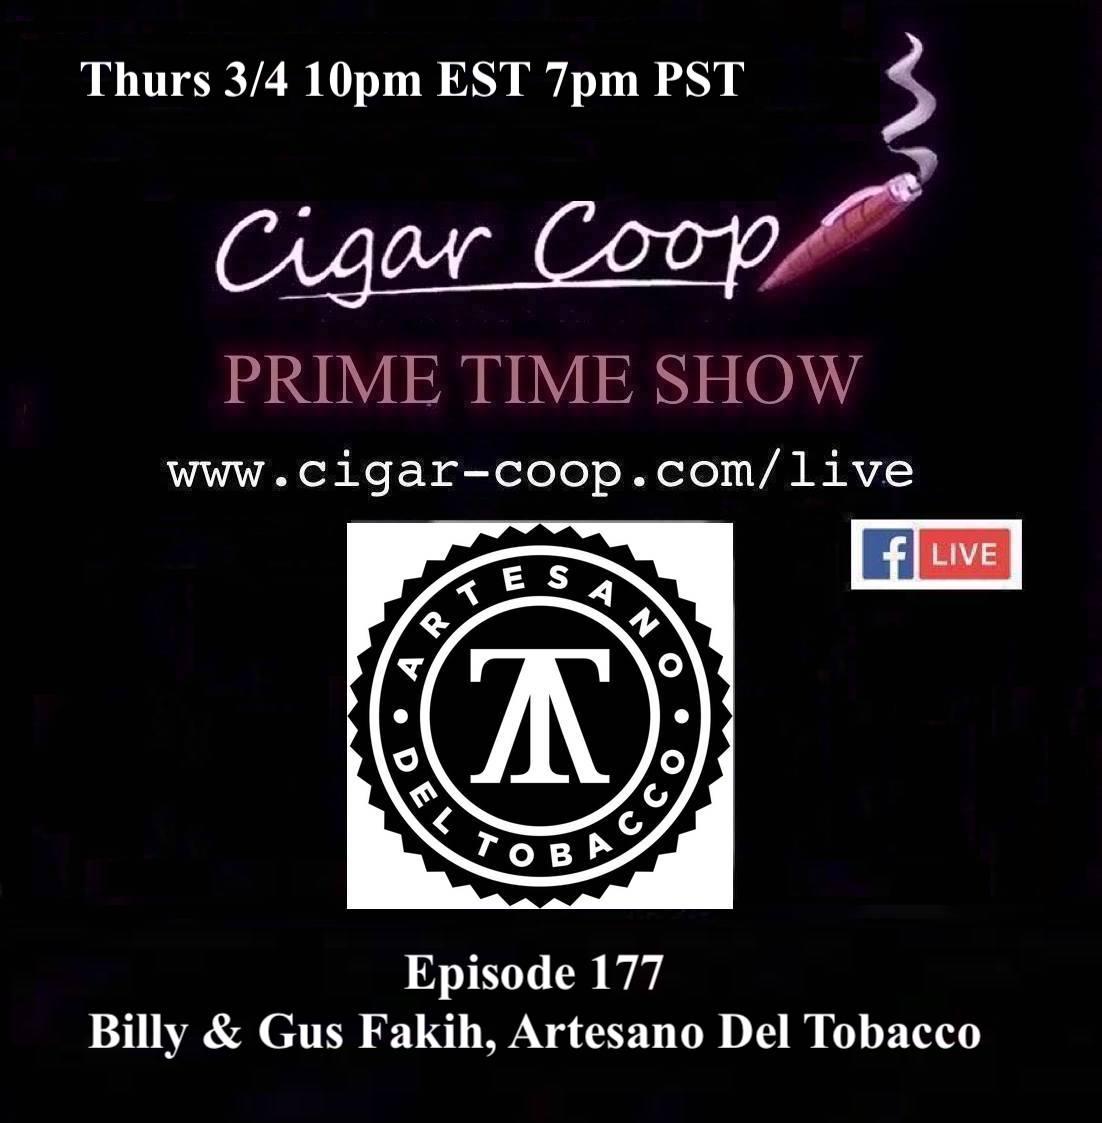 Announcement: Prime Time Episode 177 – Billy & Gus Fakih, Artesano Del Tobacco